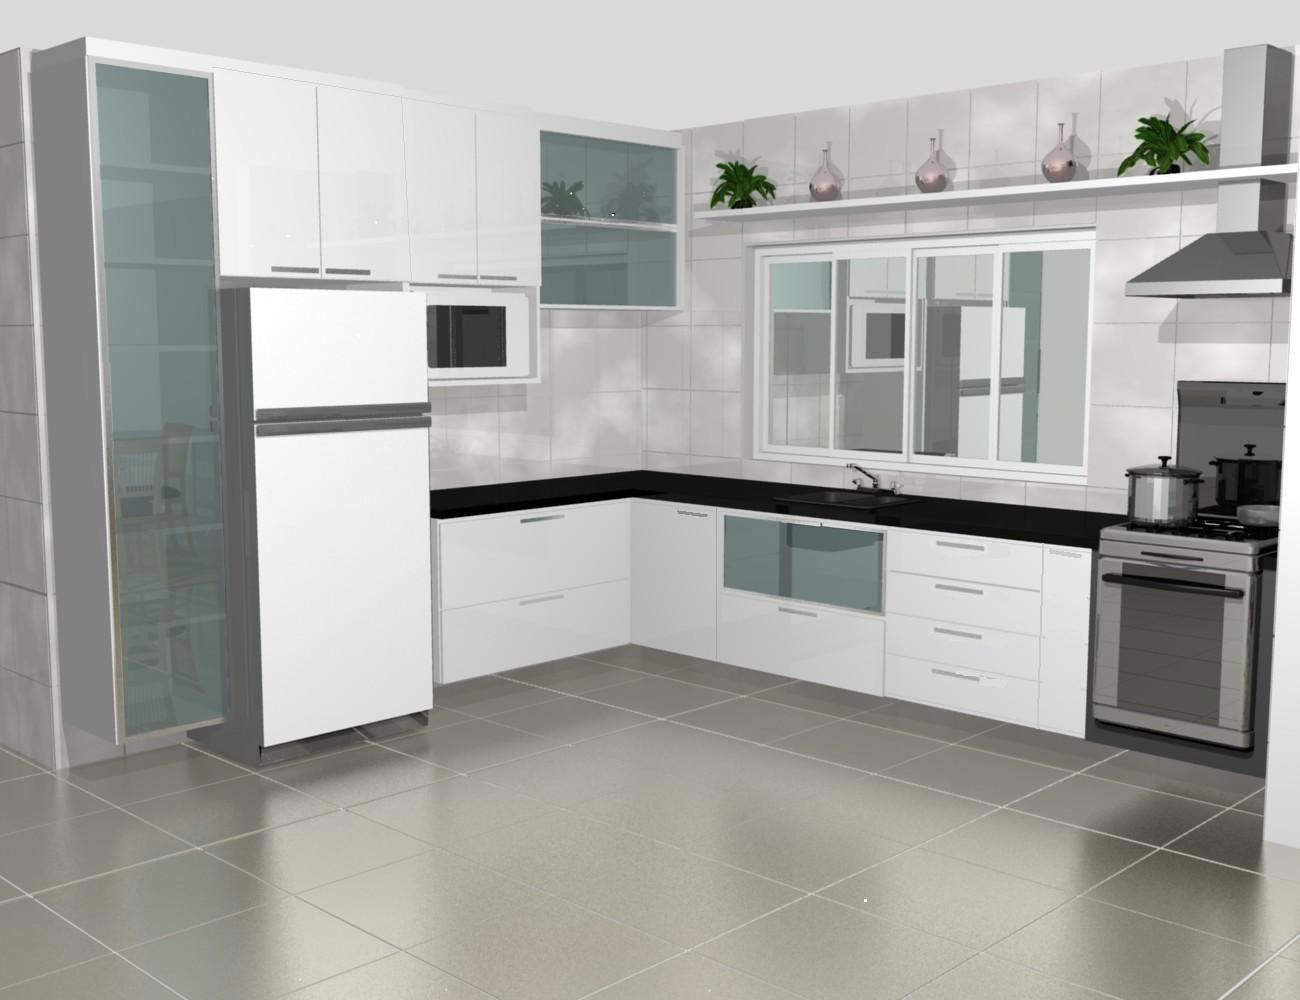 Fotos De Cozinhas Planejadas Cozinha Planejada Modelos De